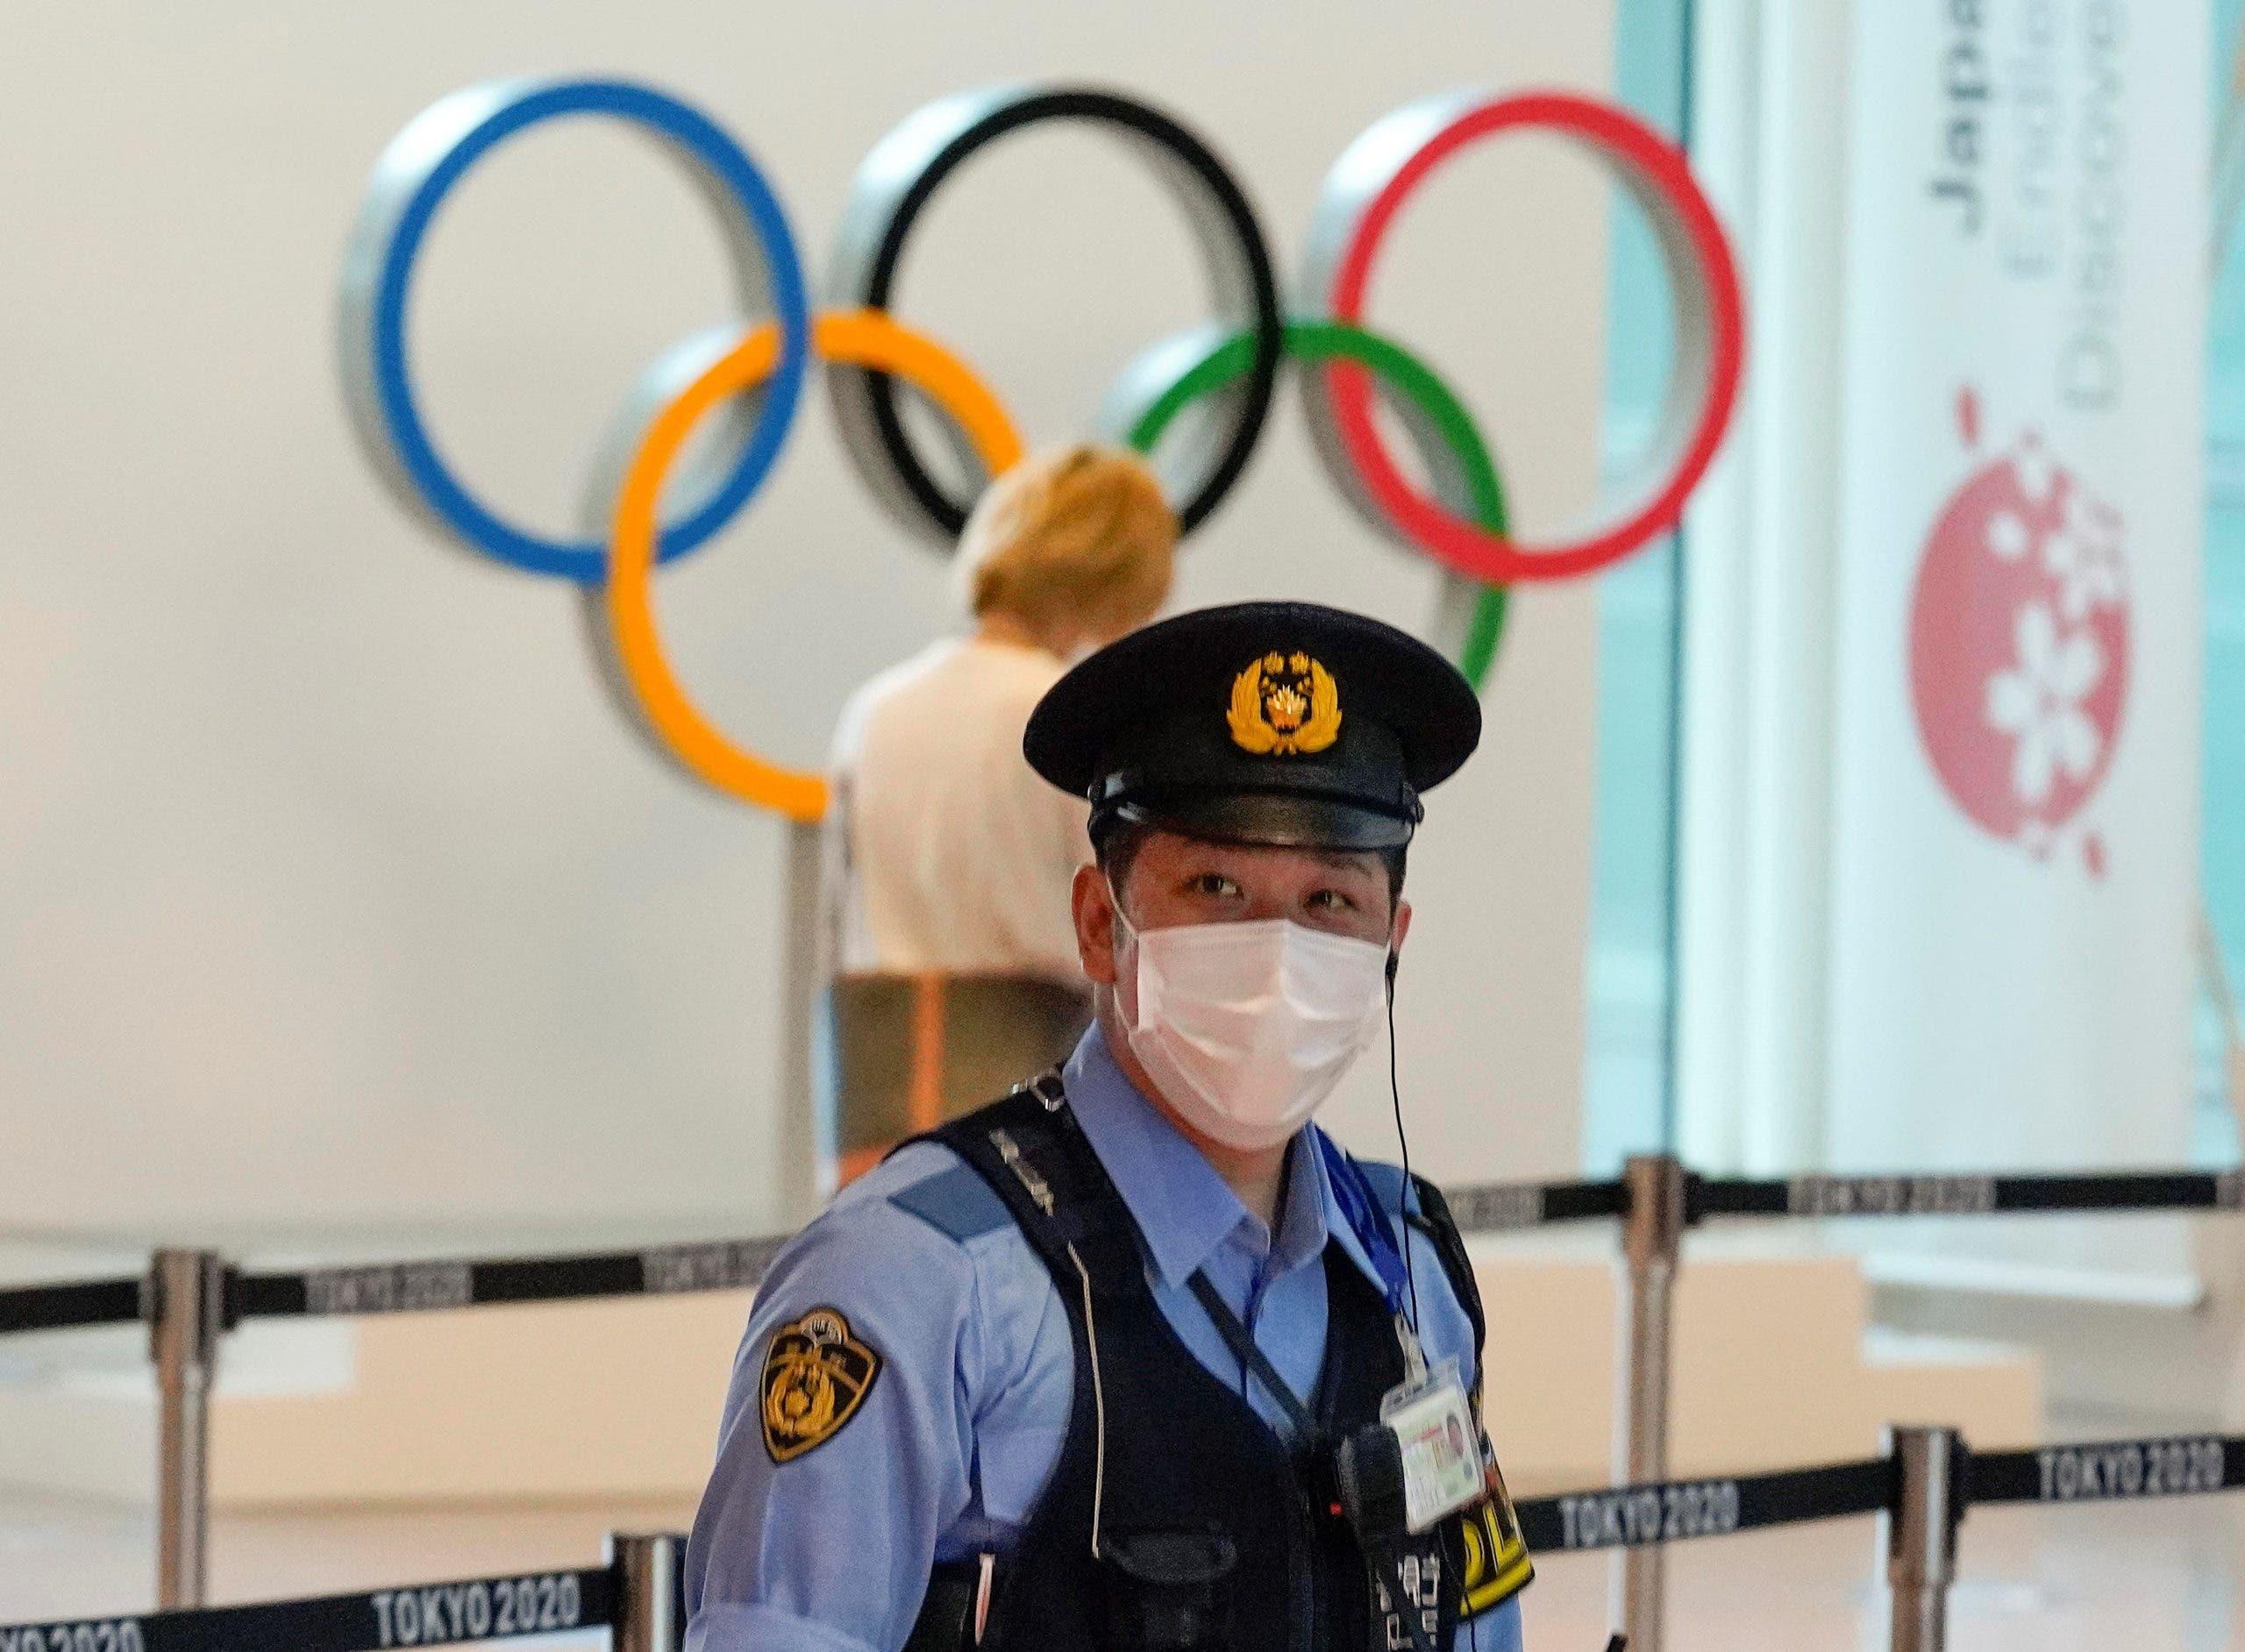 Los Juegos Olímpicos se celebrarán a puerta cerrada en Tokio por el repunte de contagios